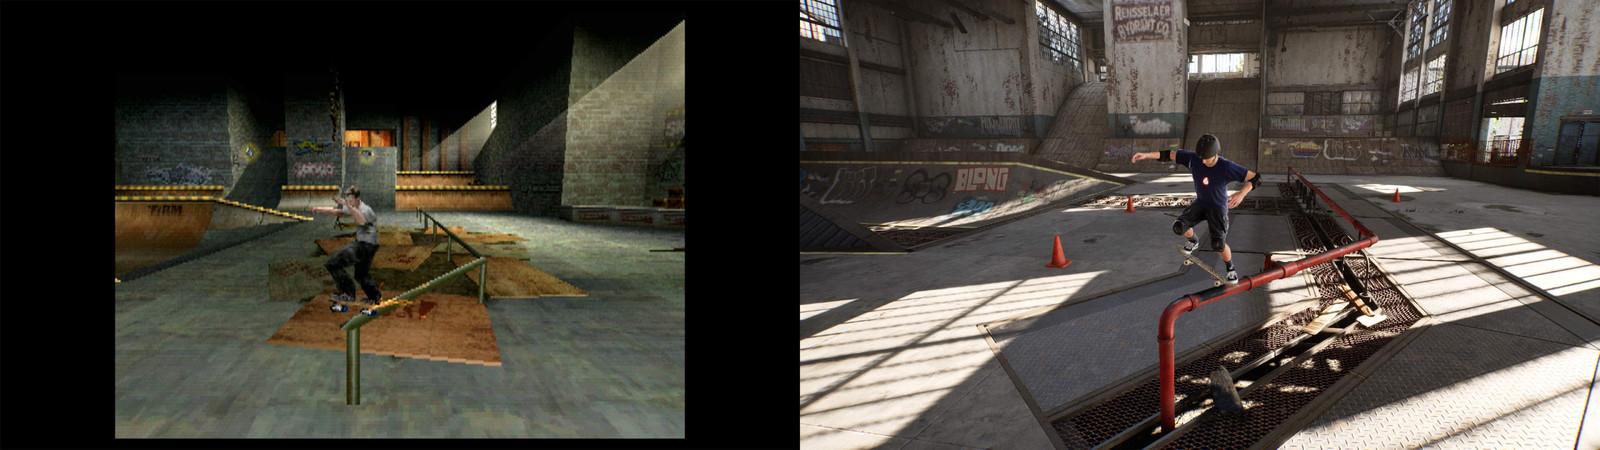 De game toen en nu.